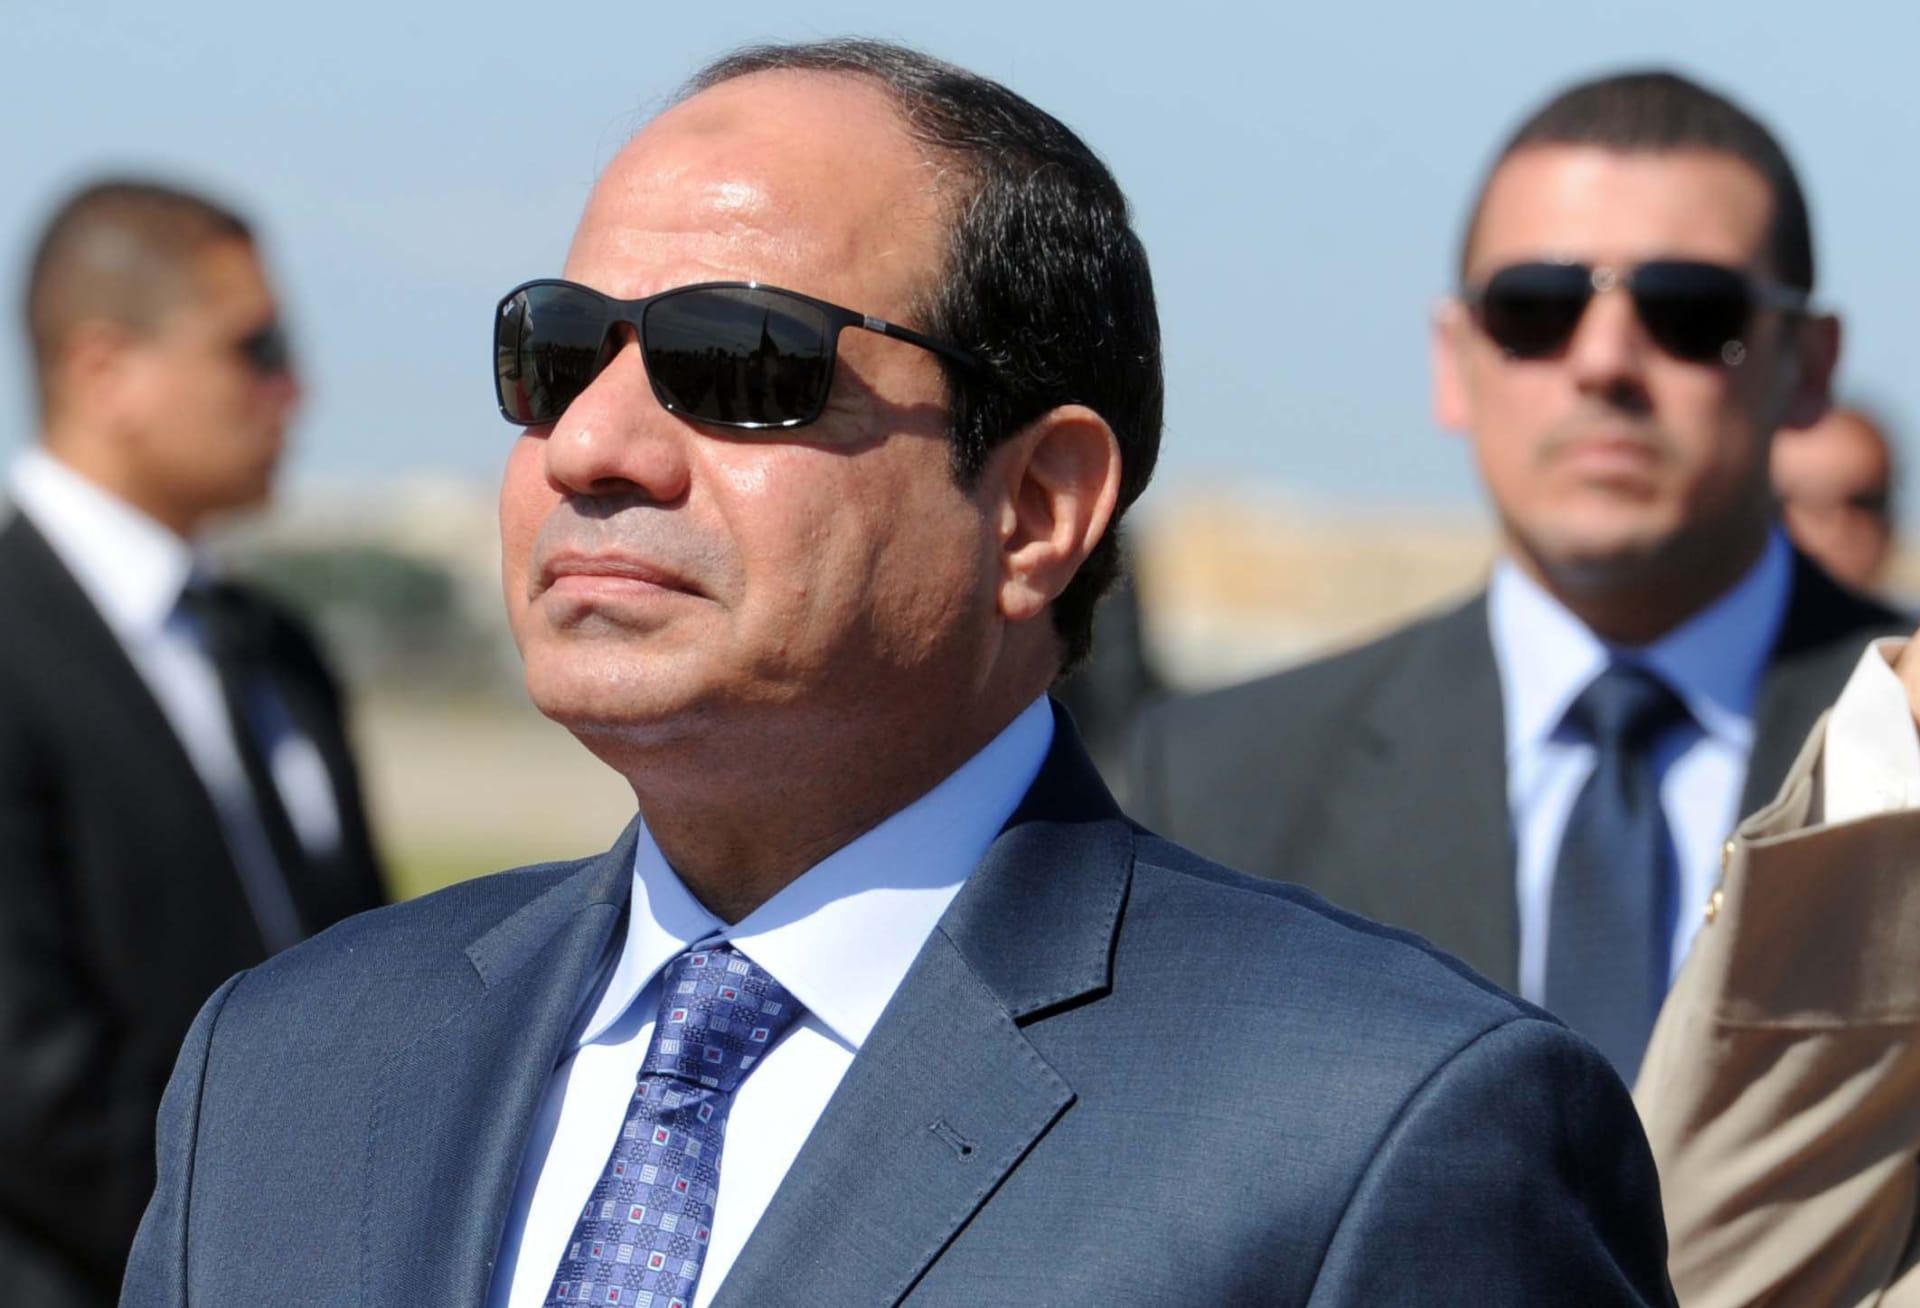 السيسي يتحدث عن مجلس التنسيق السعودي الإماراتي ويؤكد دعم مصر